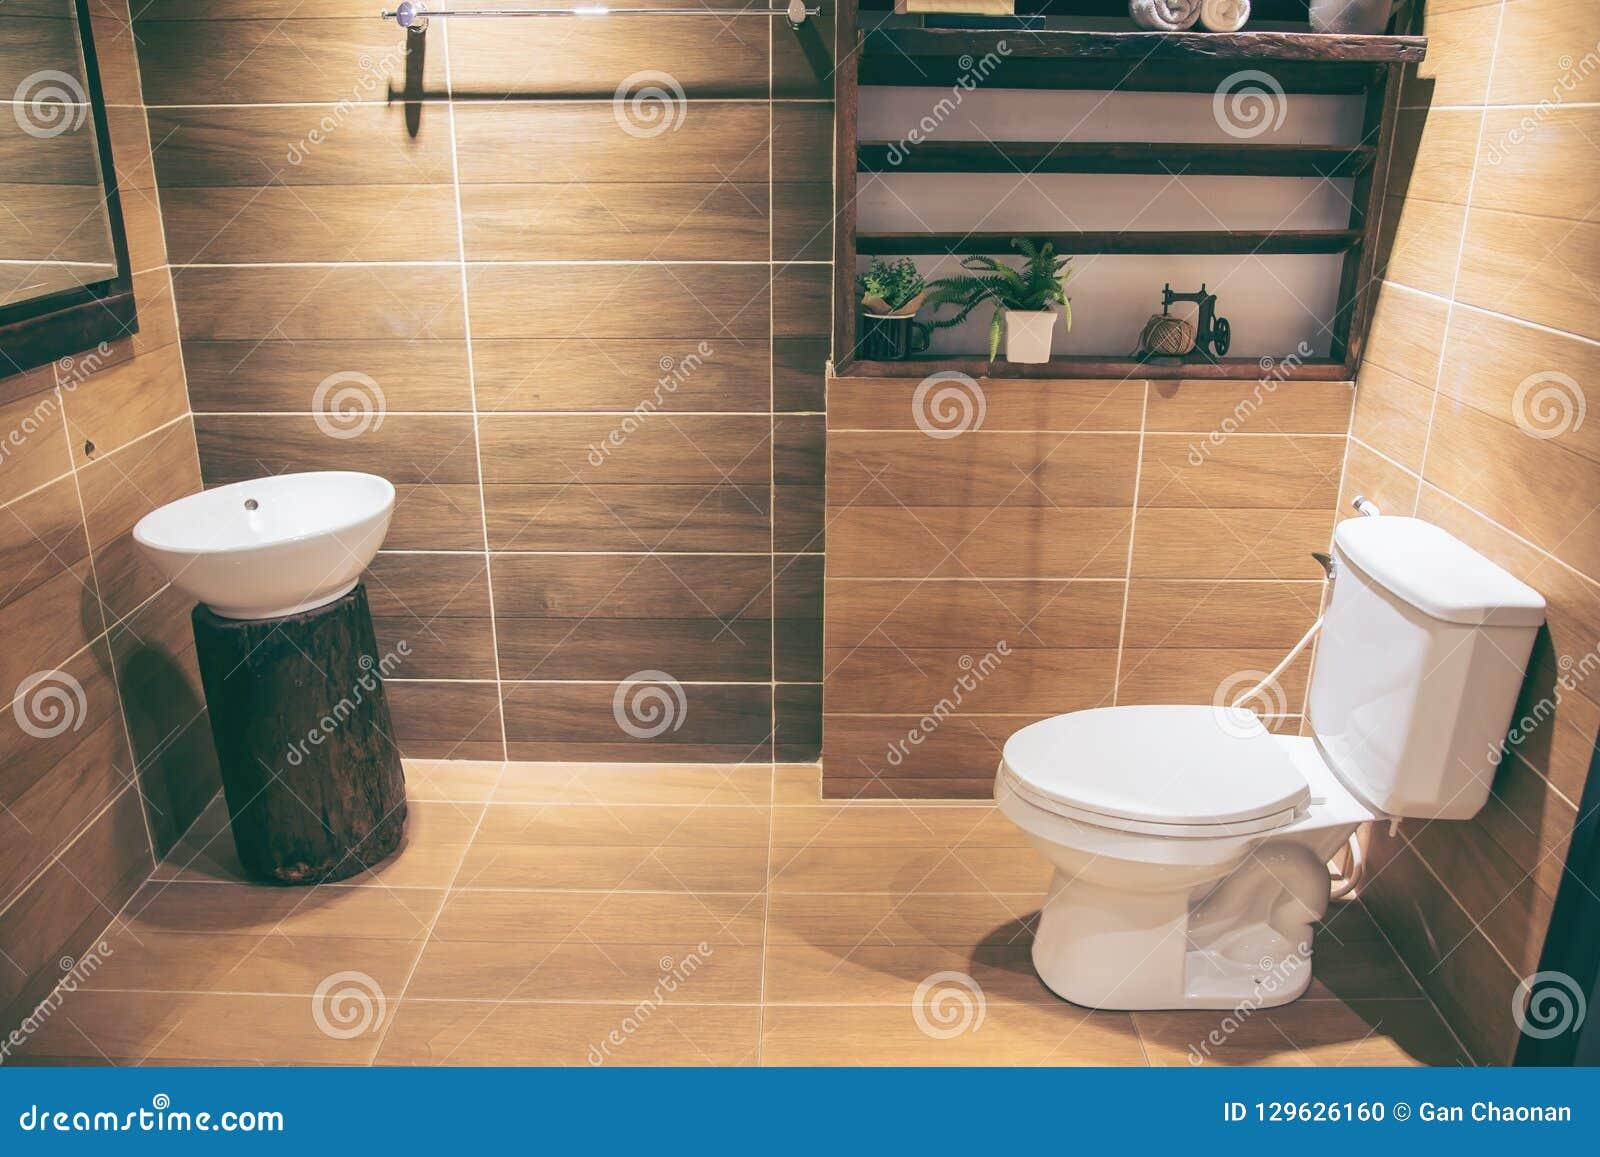 Sikt av ett rymligt och elegant badrum